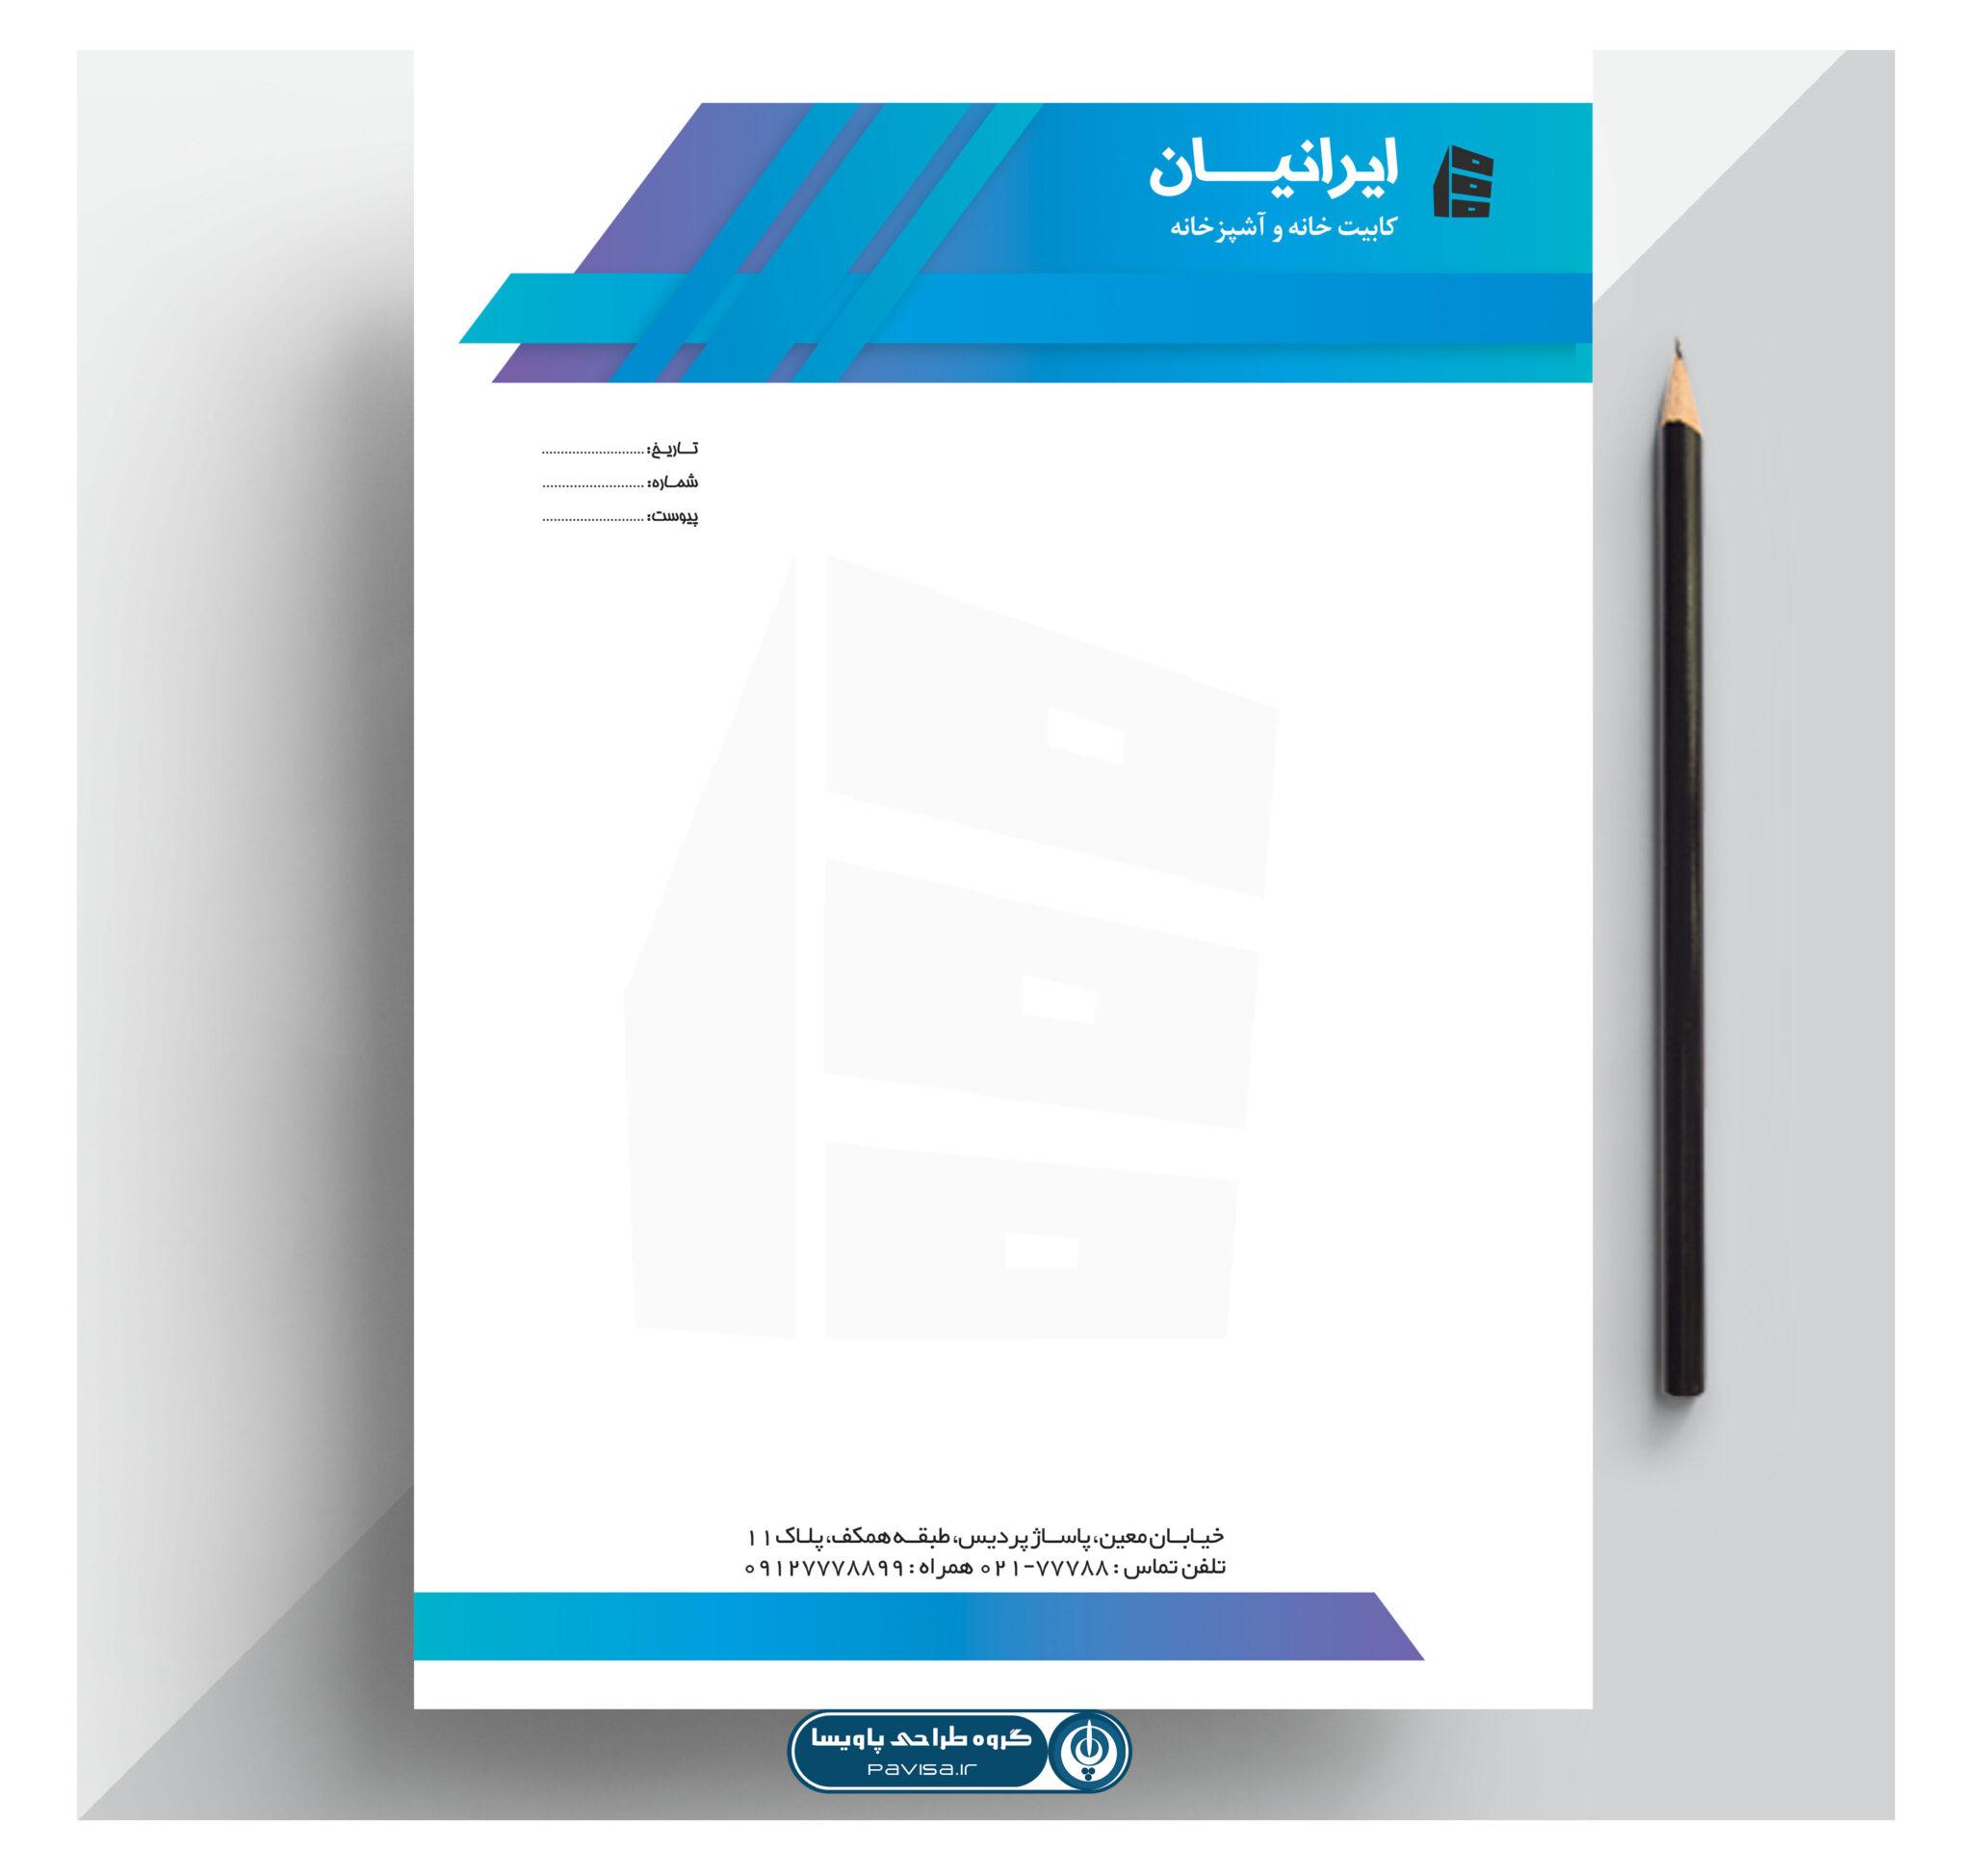 طرح سربرگ PSD لوگو نمایشگاه کابینت